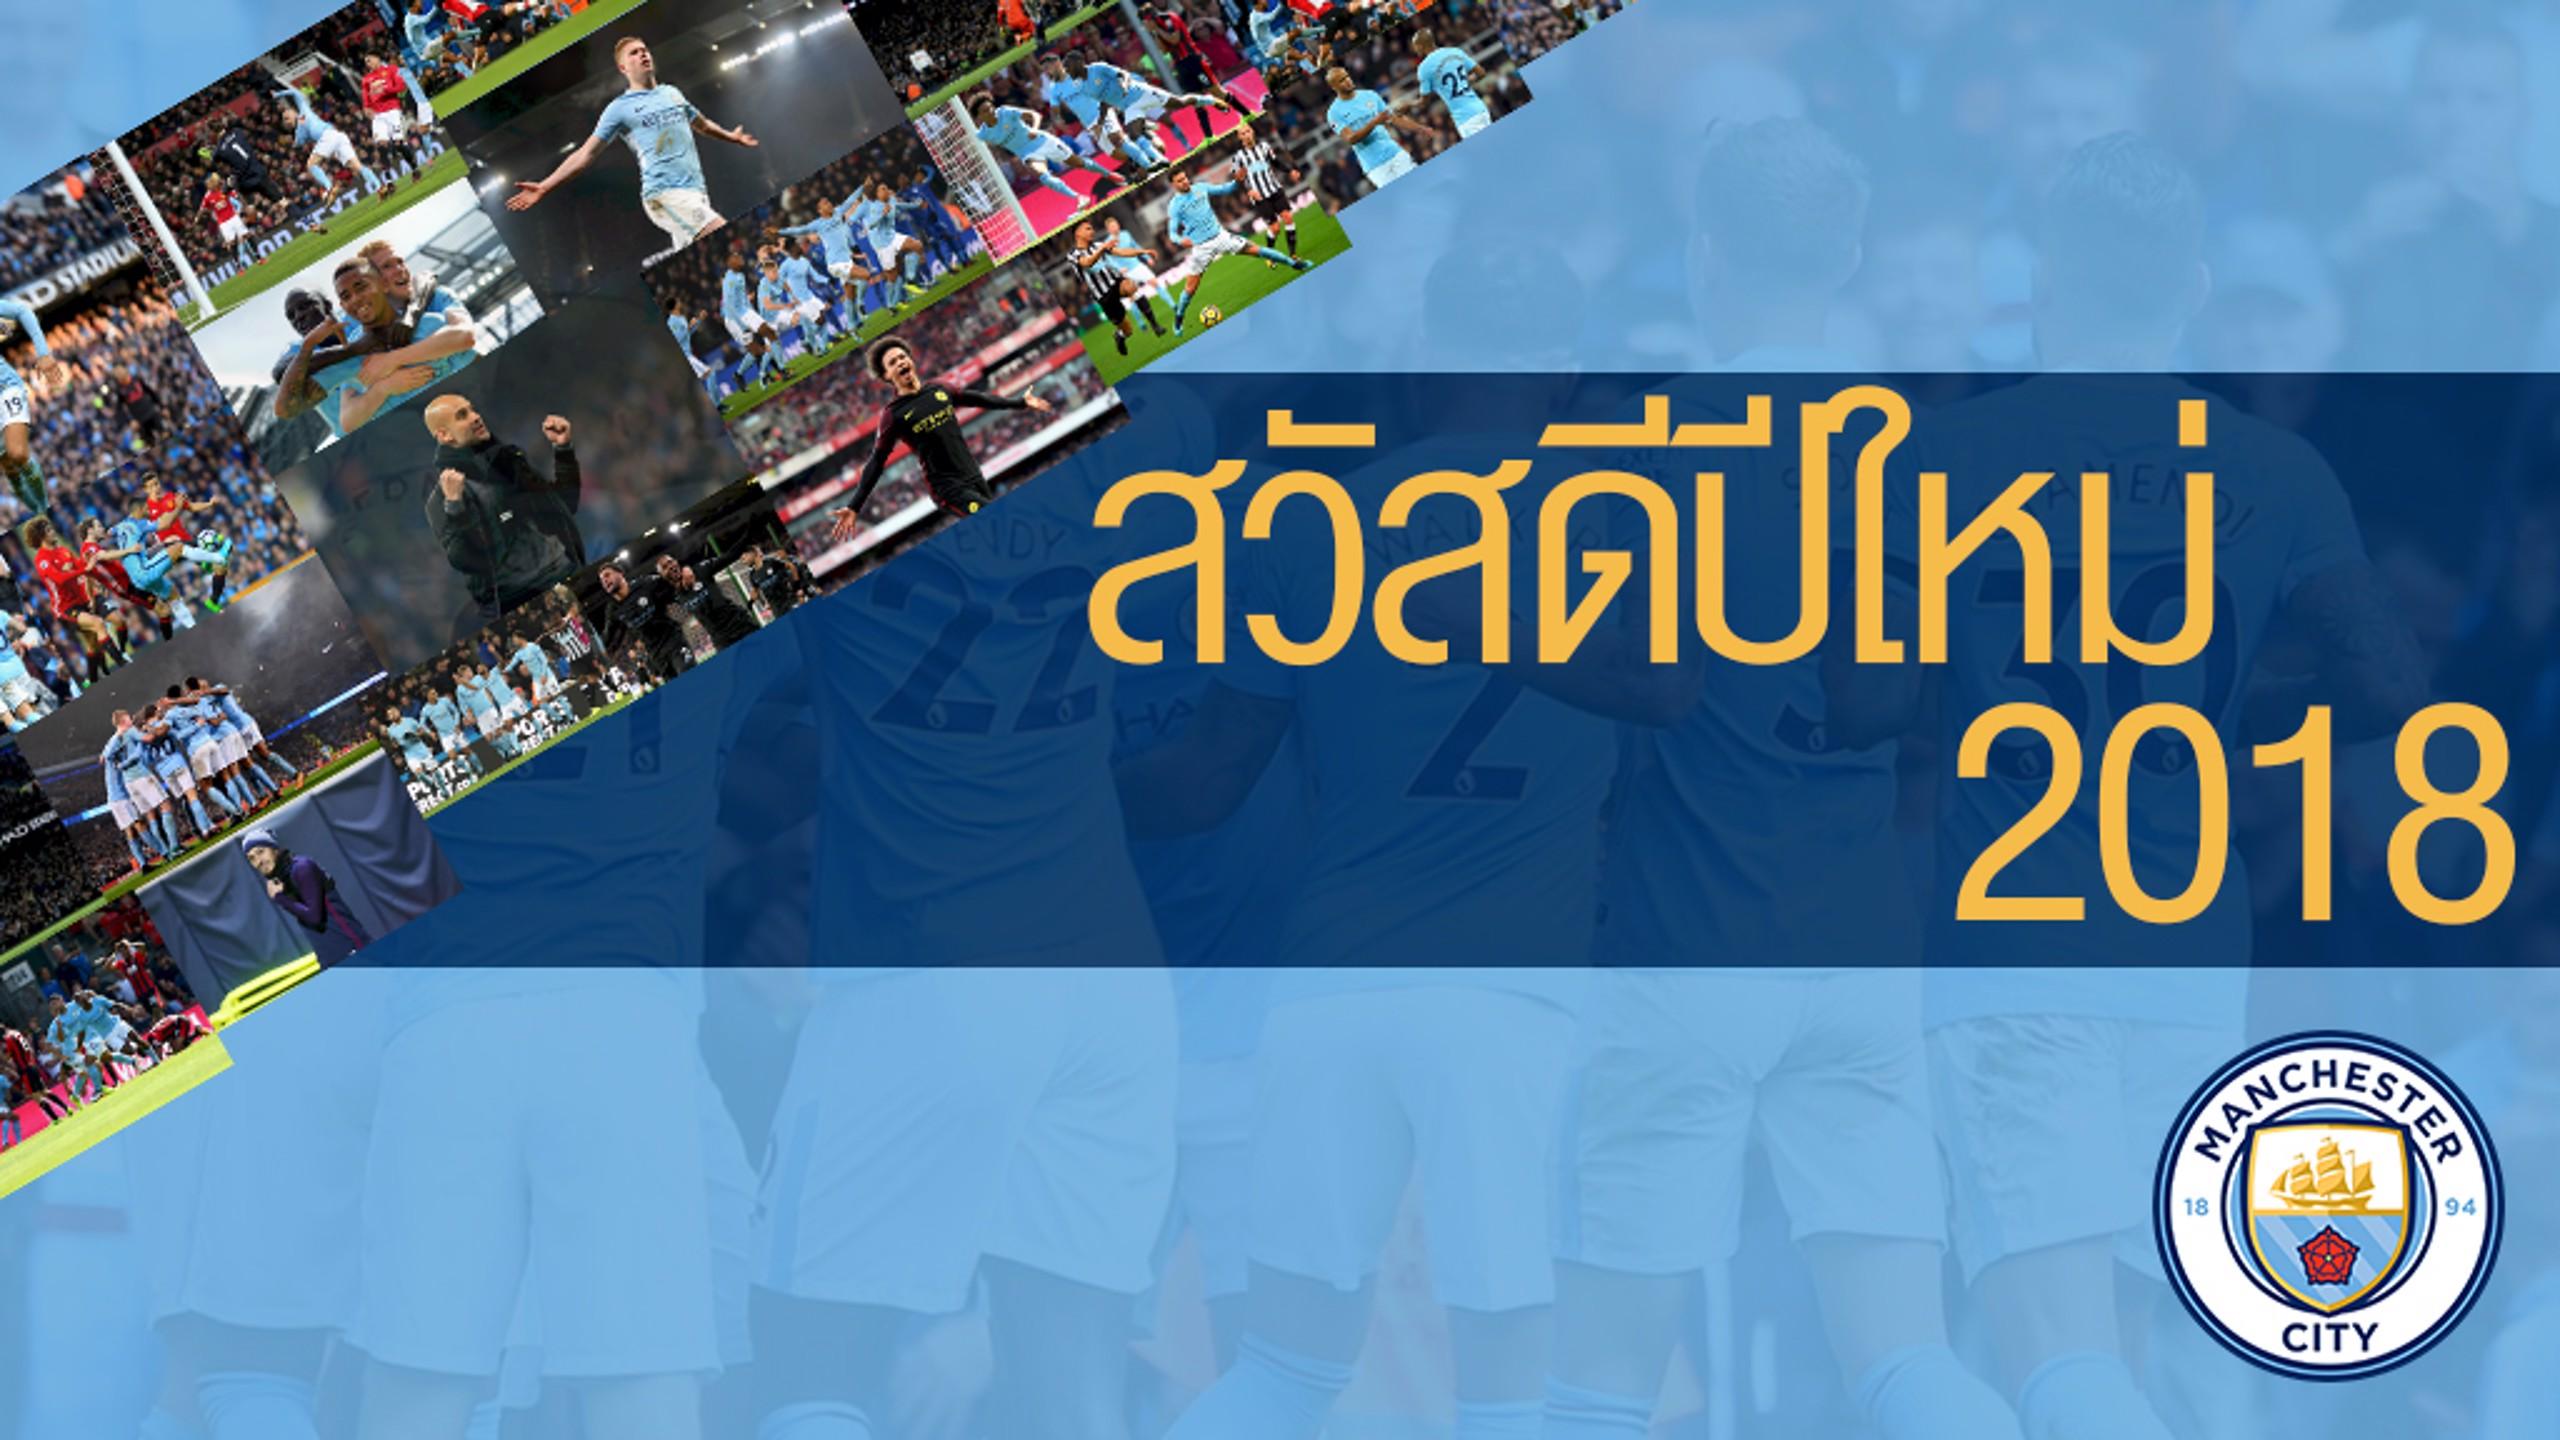 สวัสดีปีใหม่แฟนบอลชาวไทย สุขสันต์ สุขี ตลอดปี 2561